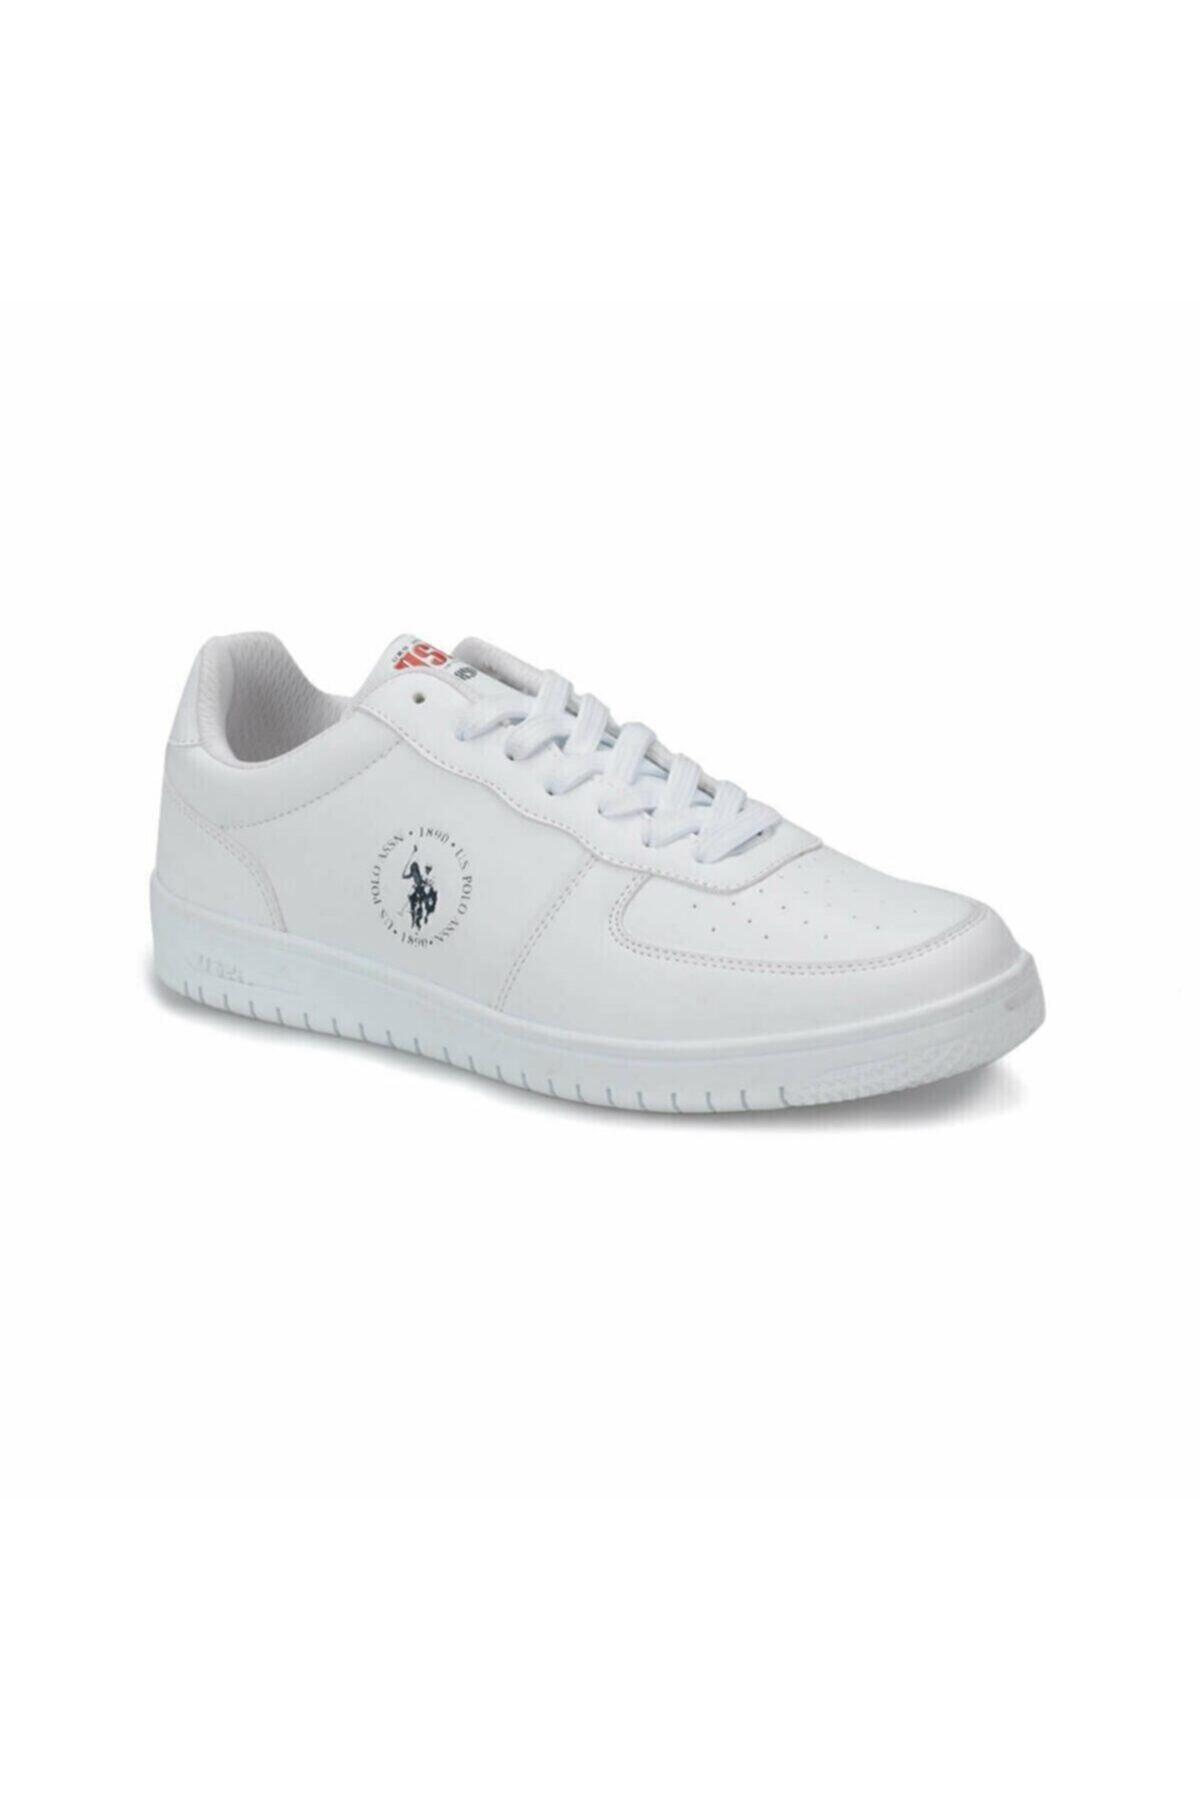 U.S. Polo Assn. DIMLER Beyaz Erkek Sneaker Ayakkabı 100281467 1